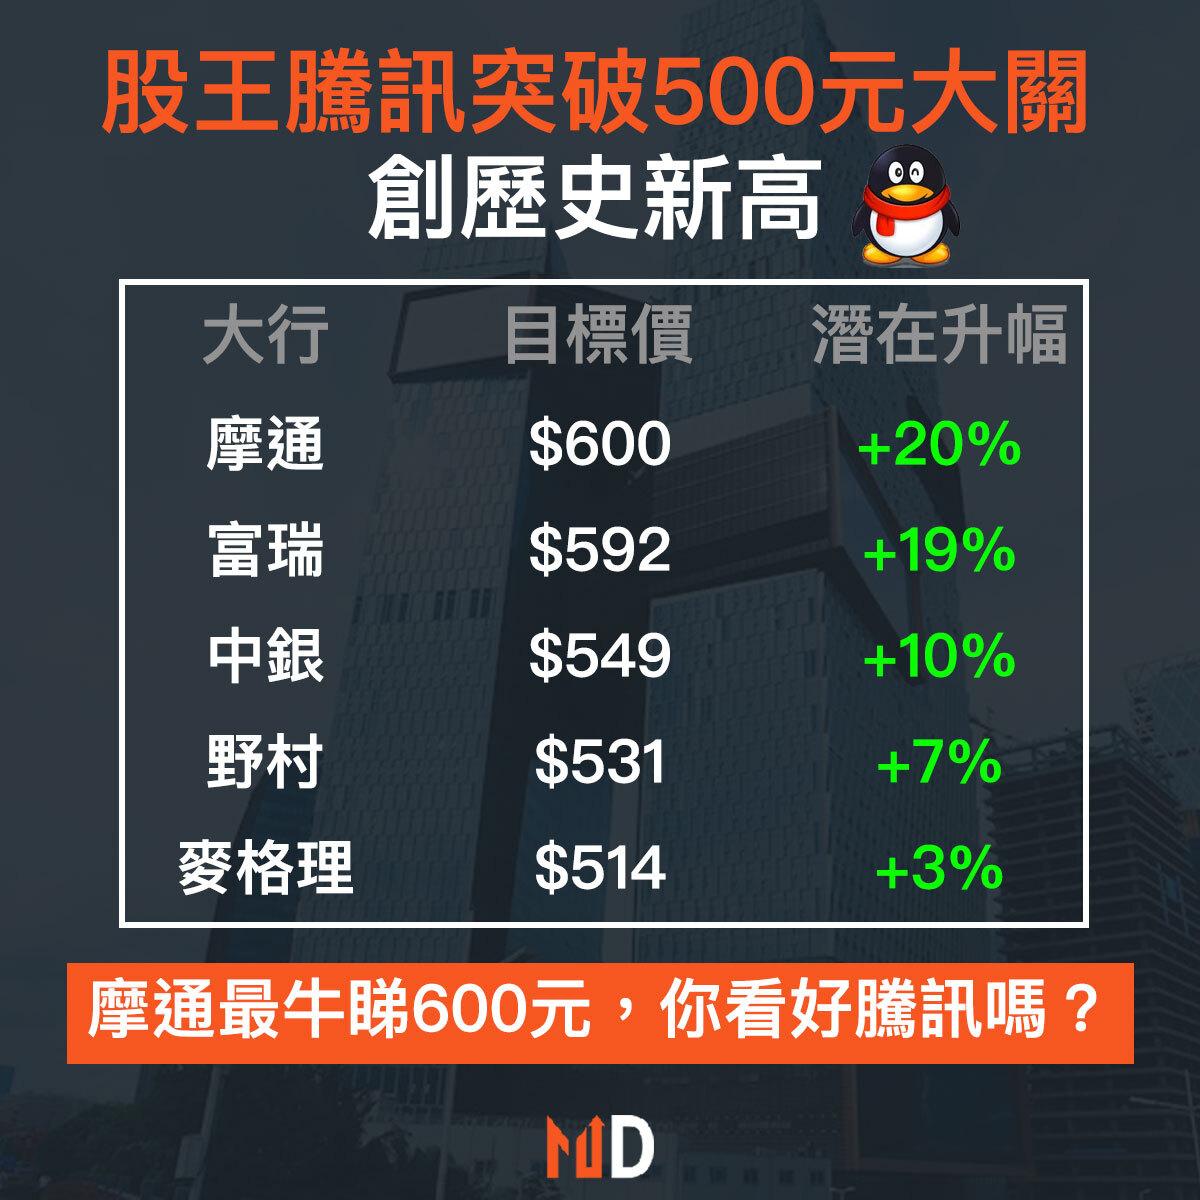 【市場熱話】股王騰訊勇破500元大關,再創歷史新高